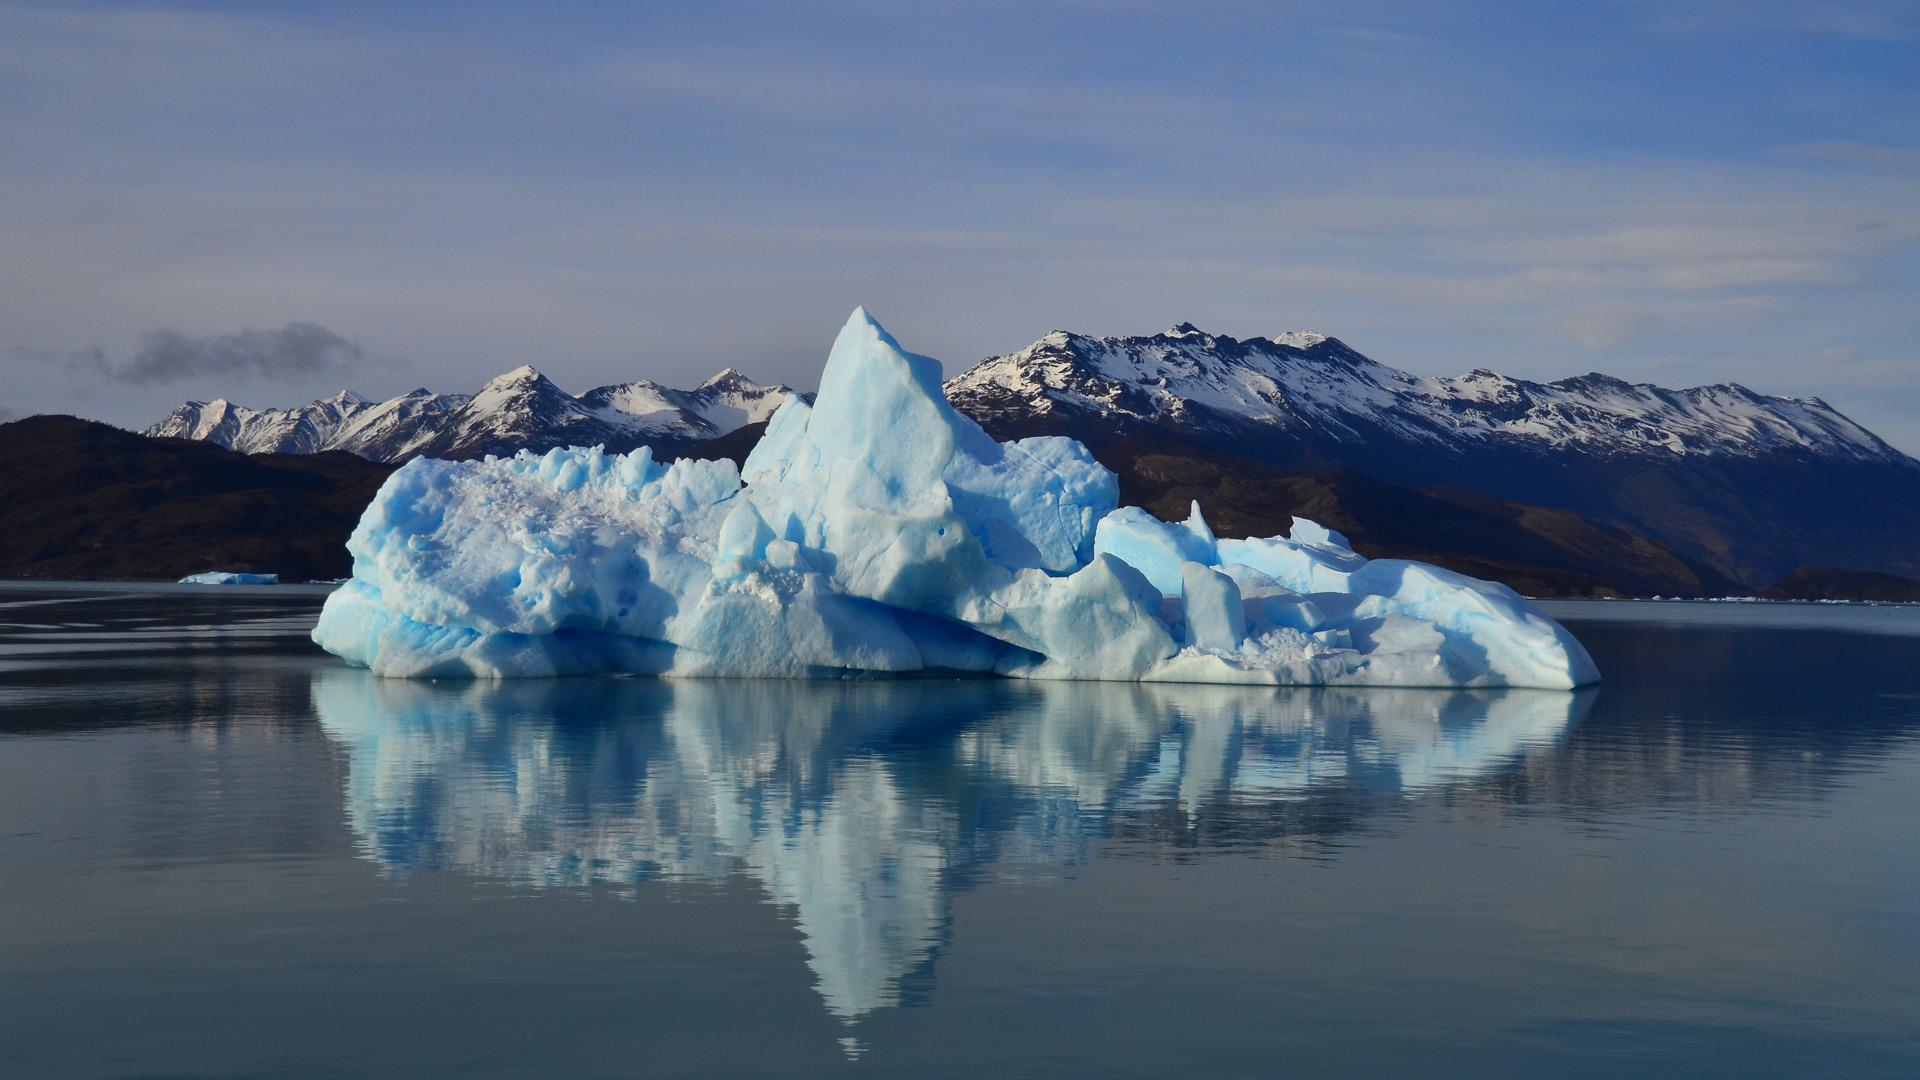 Desde Tierra del Fuego a Jujuy los hielos cubren 5.600 kilómetros cuadrados. (Foto del Parque Nacional Los Glaciares)